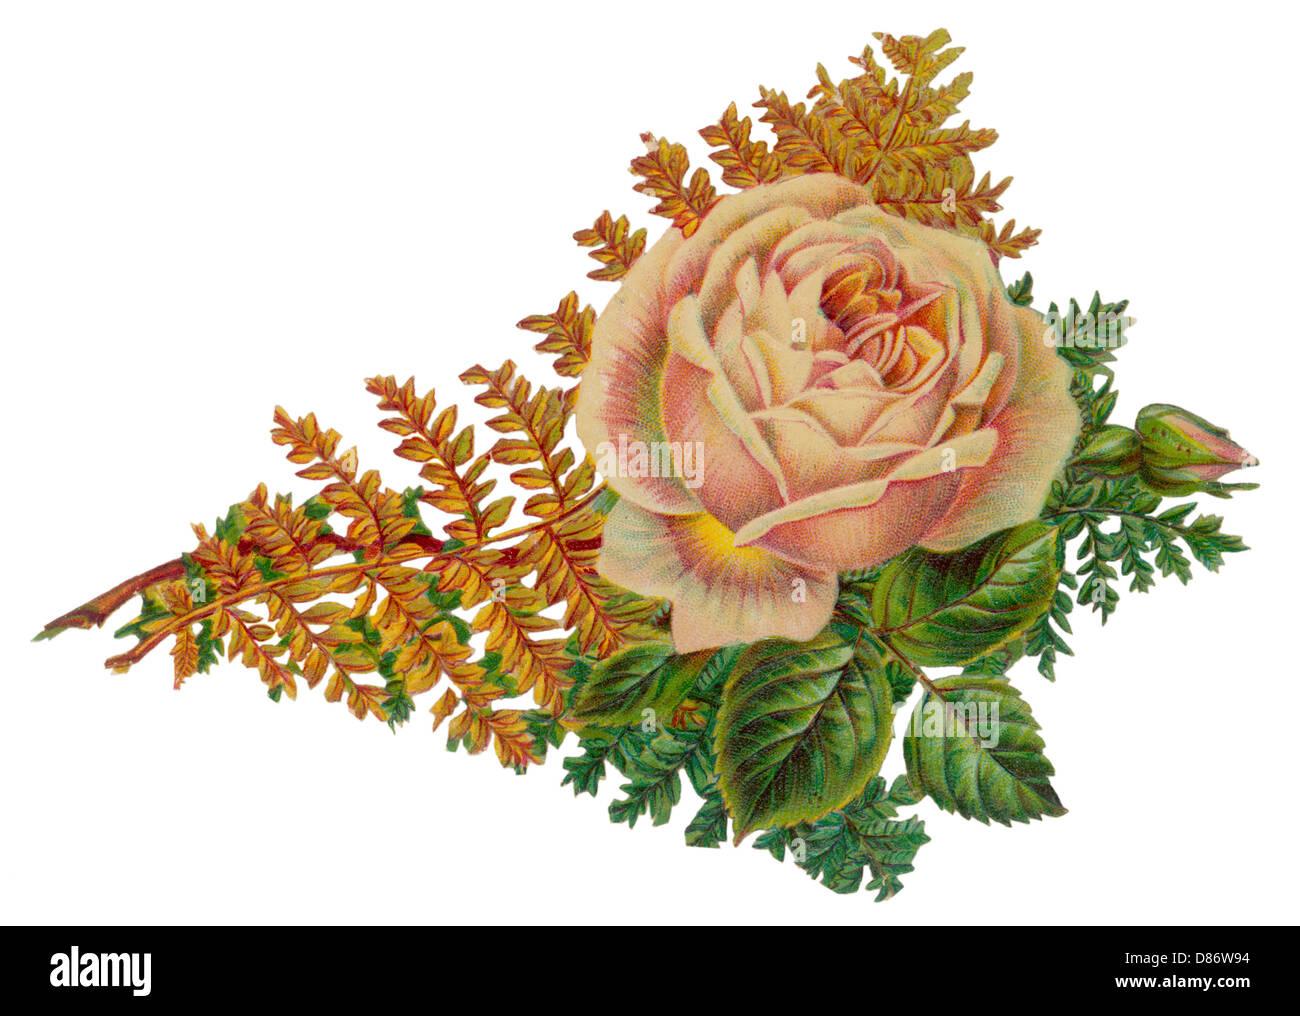 Rose Scrap - Stock Image